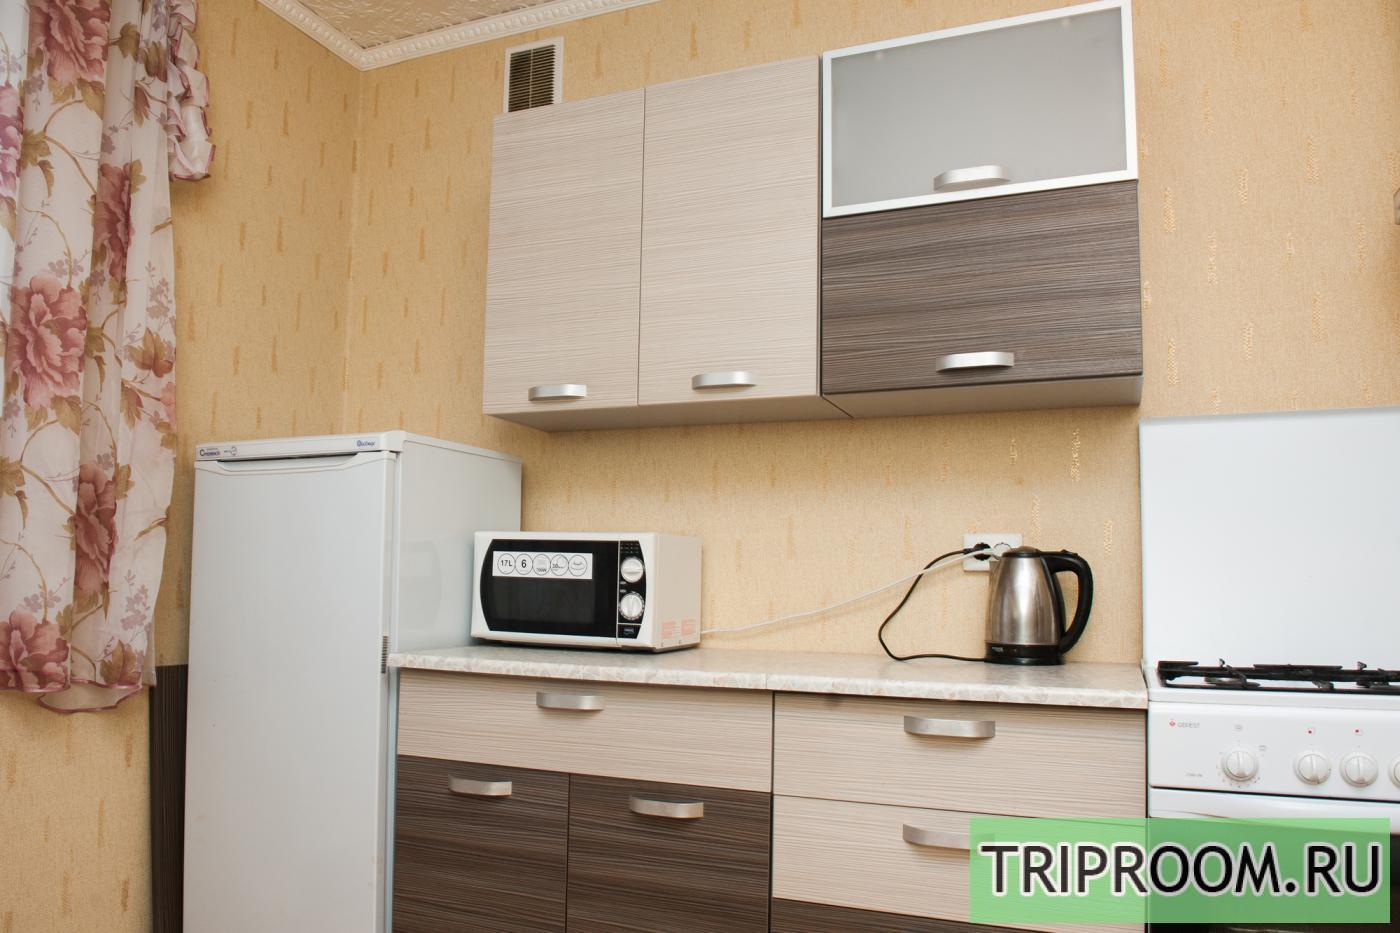 1-комнатная квартира посуточно (вариант № 12761), ул. Краснинское шоссе, фото № 2